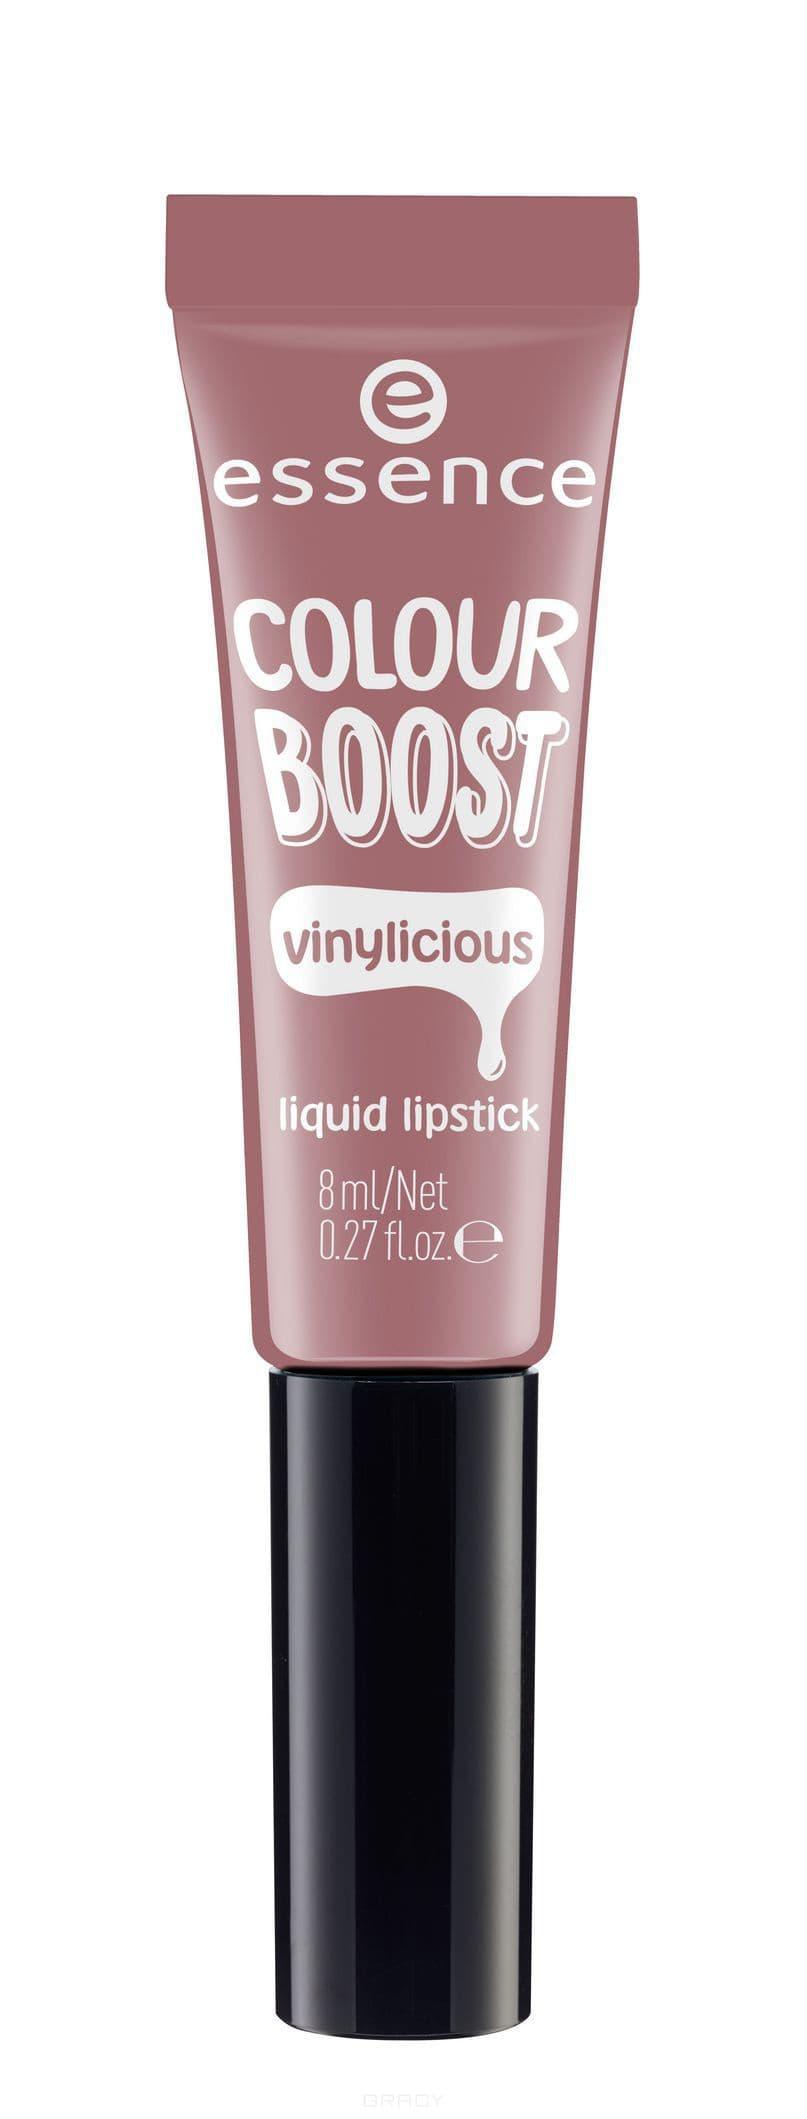 все цены на Essence, Жидкая губная помада Colour Boost Vinylicious Liquid Lipstick, 8 мл (6 тонов) №04, розовое дерево онлайн